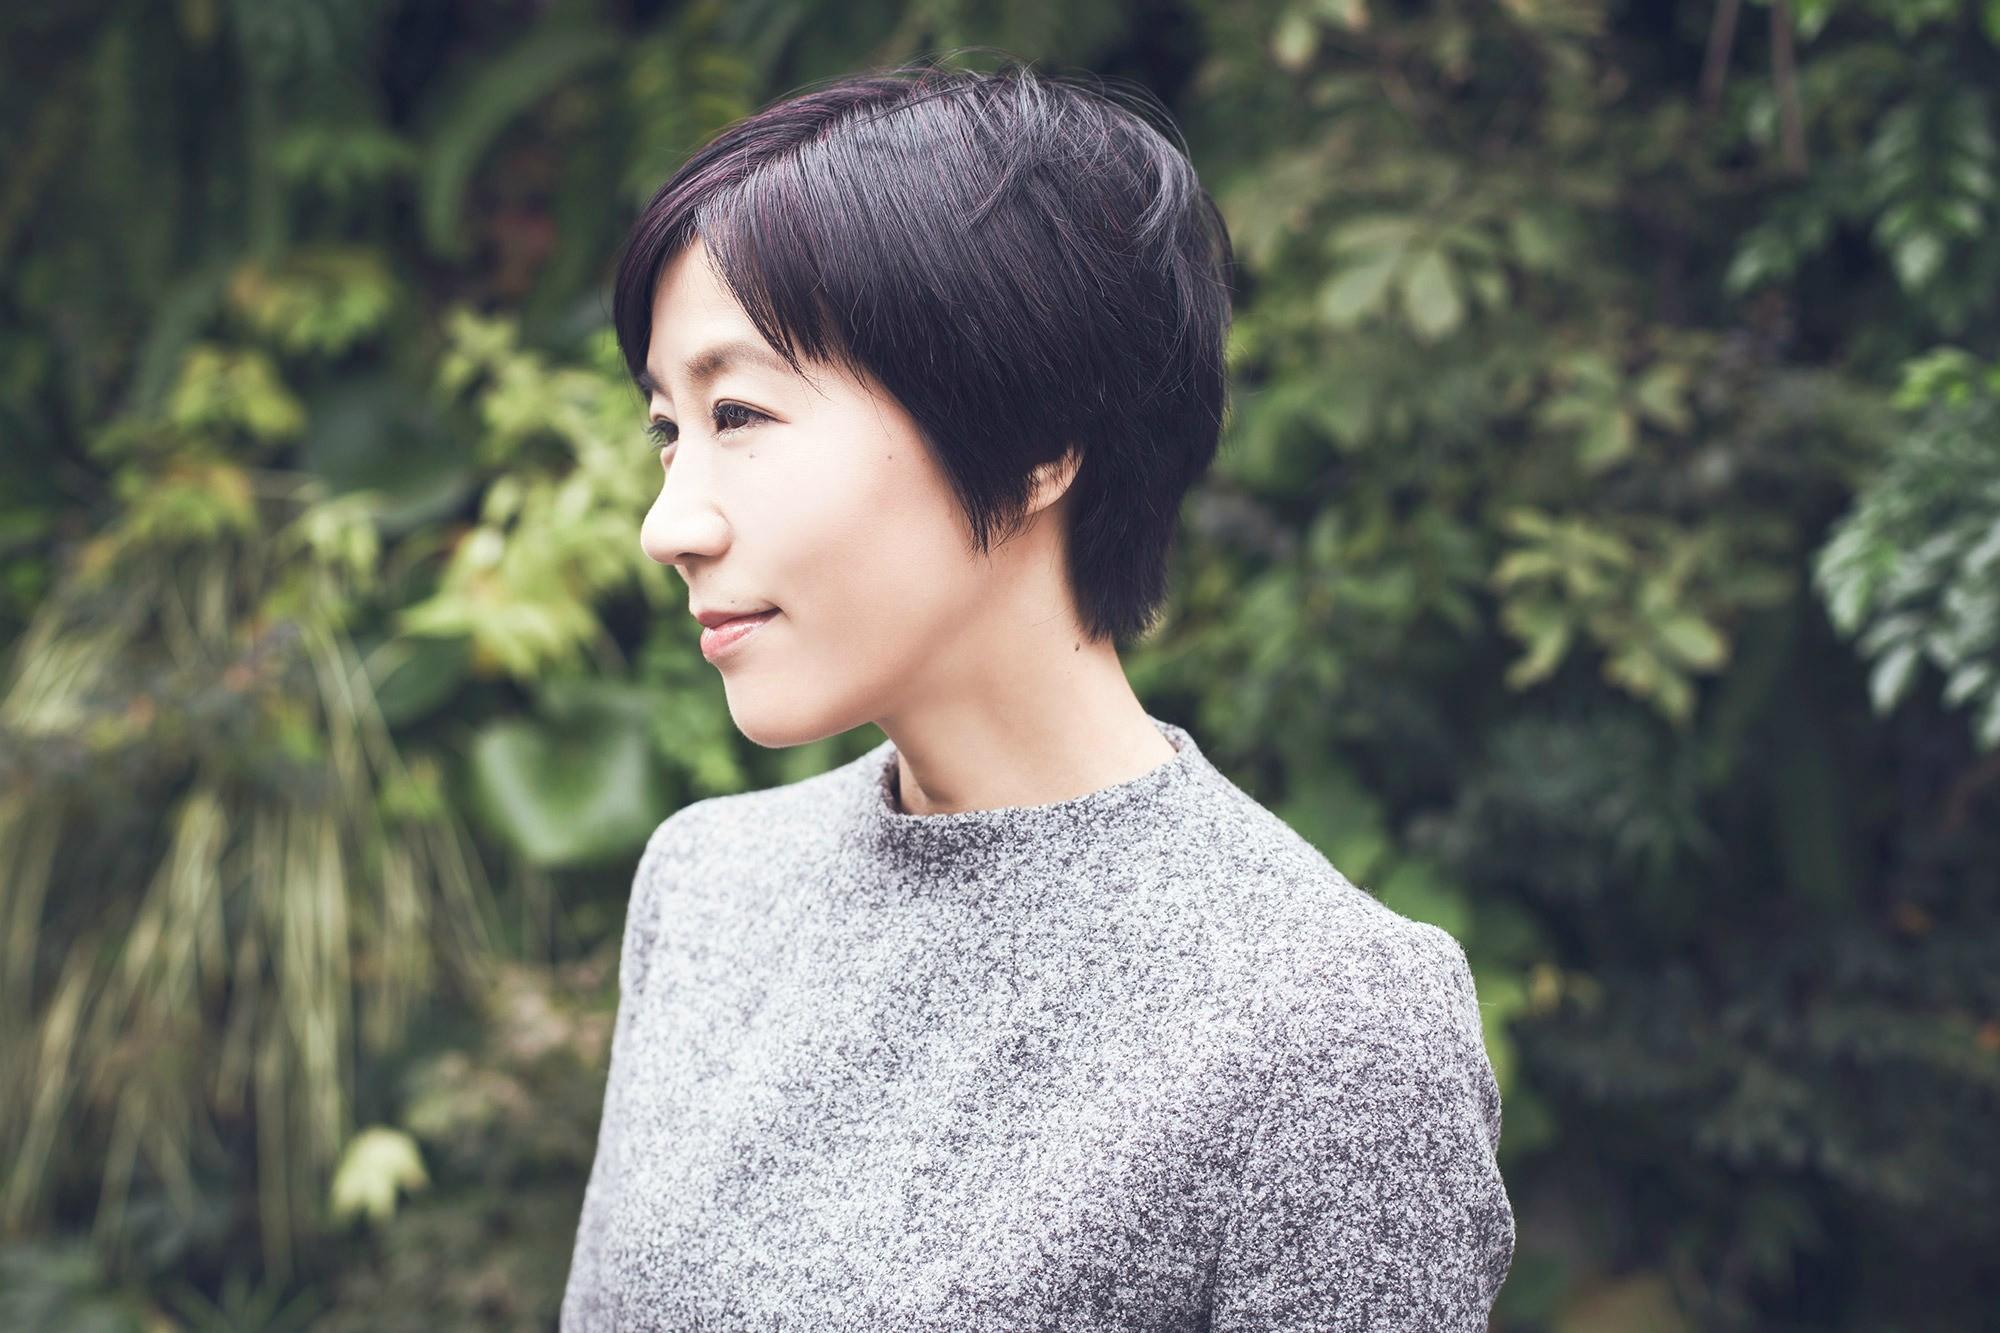 Kanno Yoko